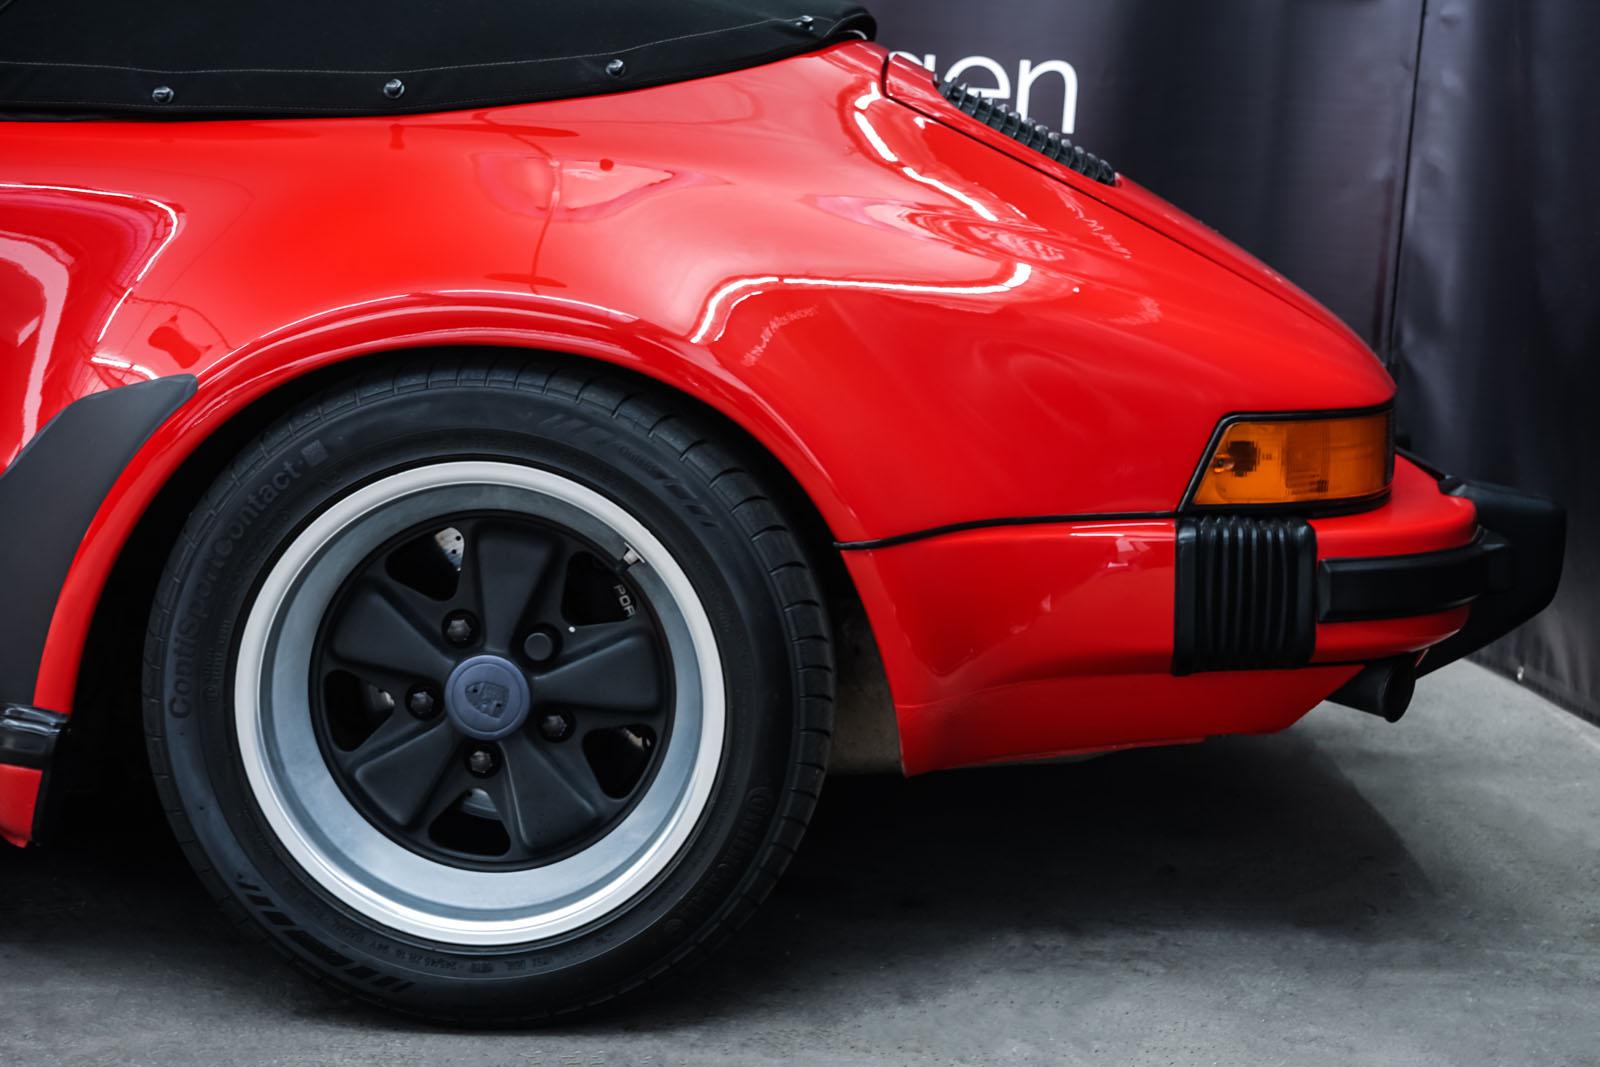 Porsche_911_Speedster_Rot_Schwarz_POR-2352_4_w